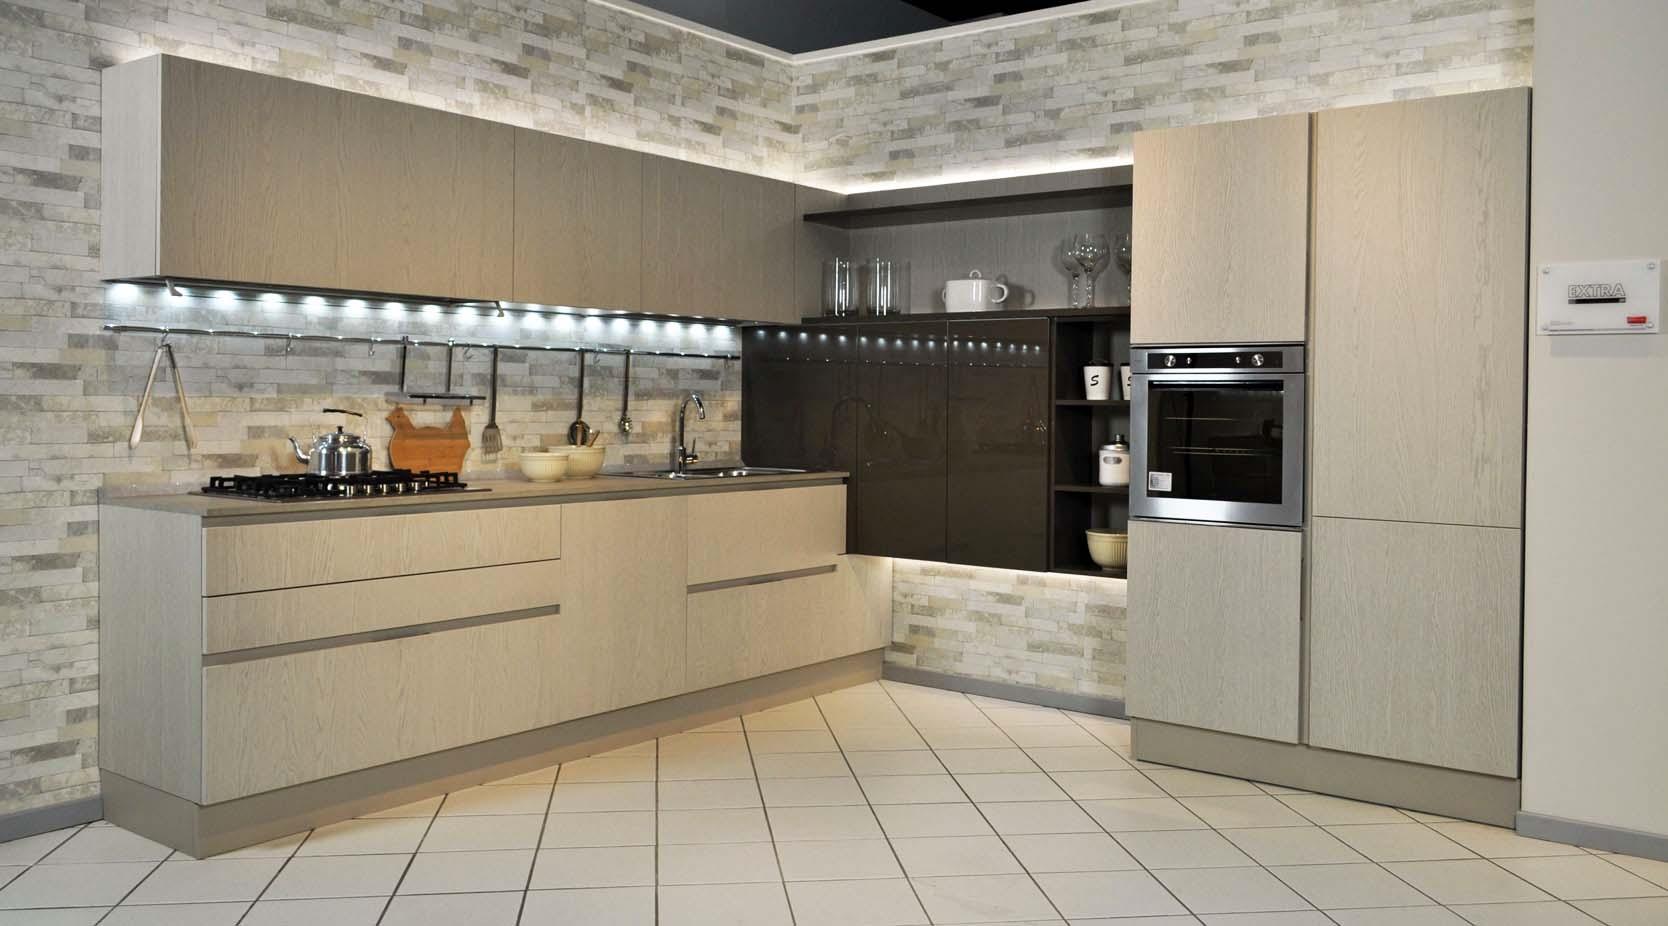 Veneta cucine extra go legno e laccato ad angolo scontata - Cucine di legno ...